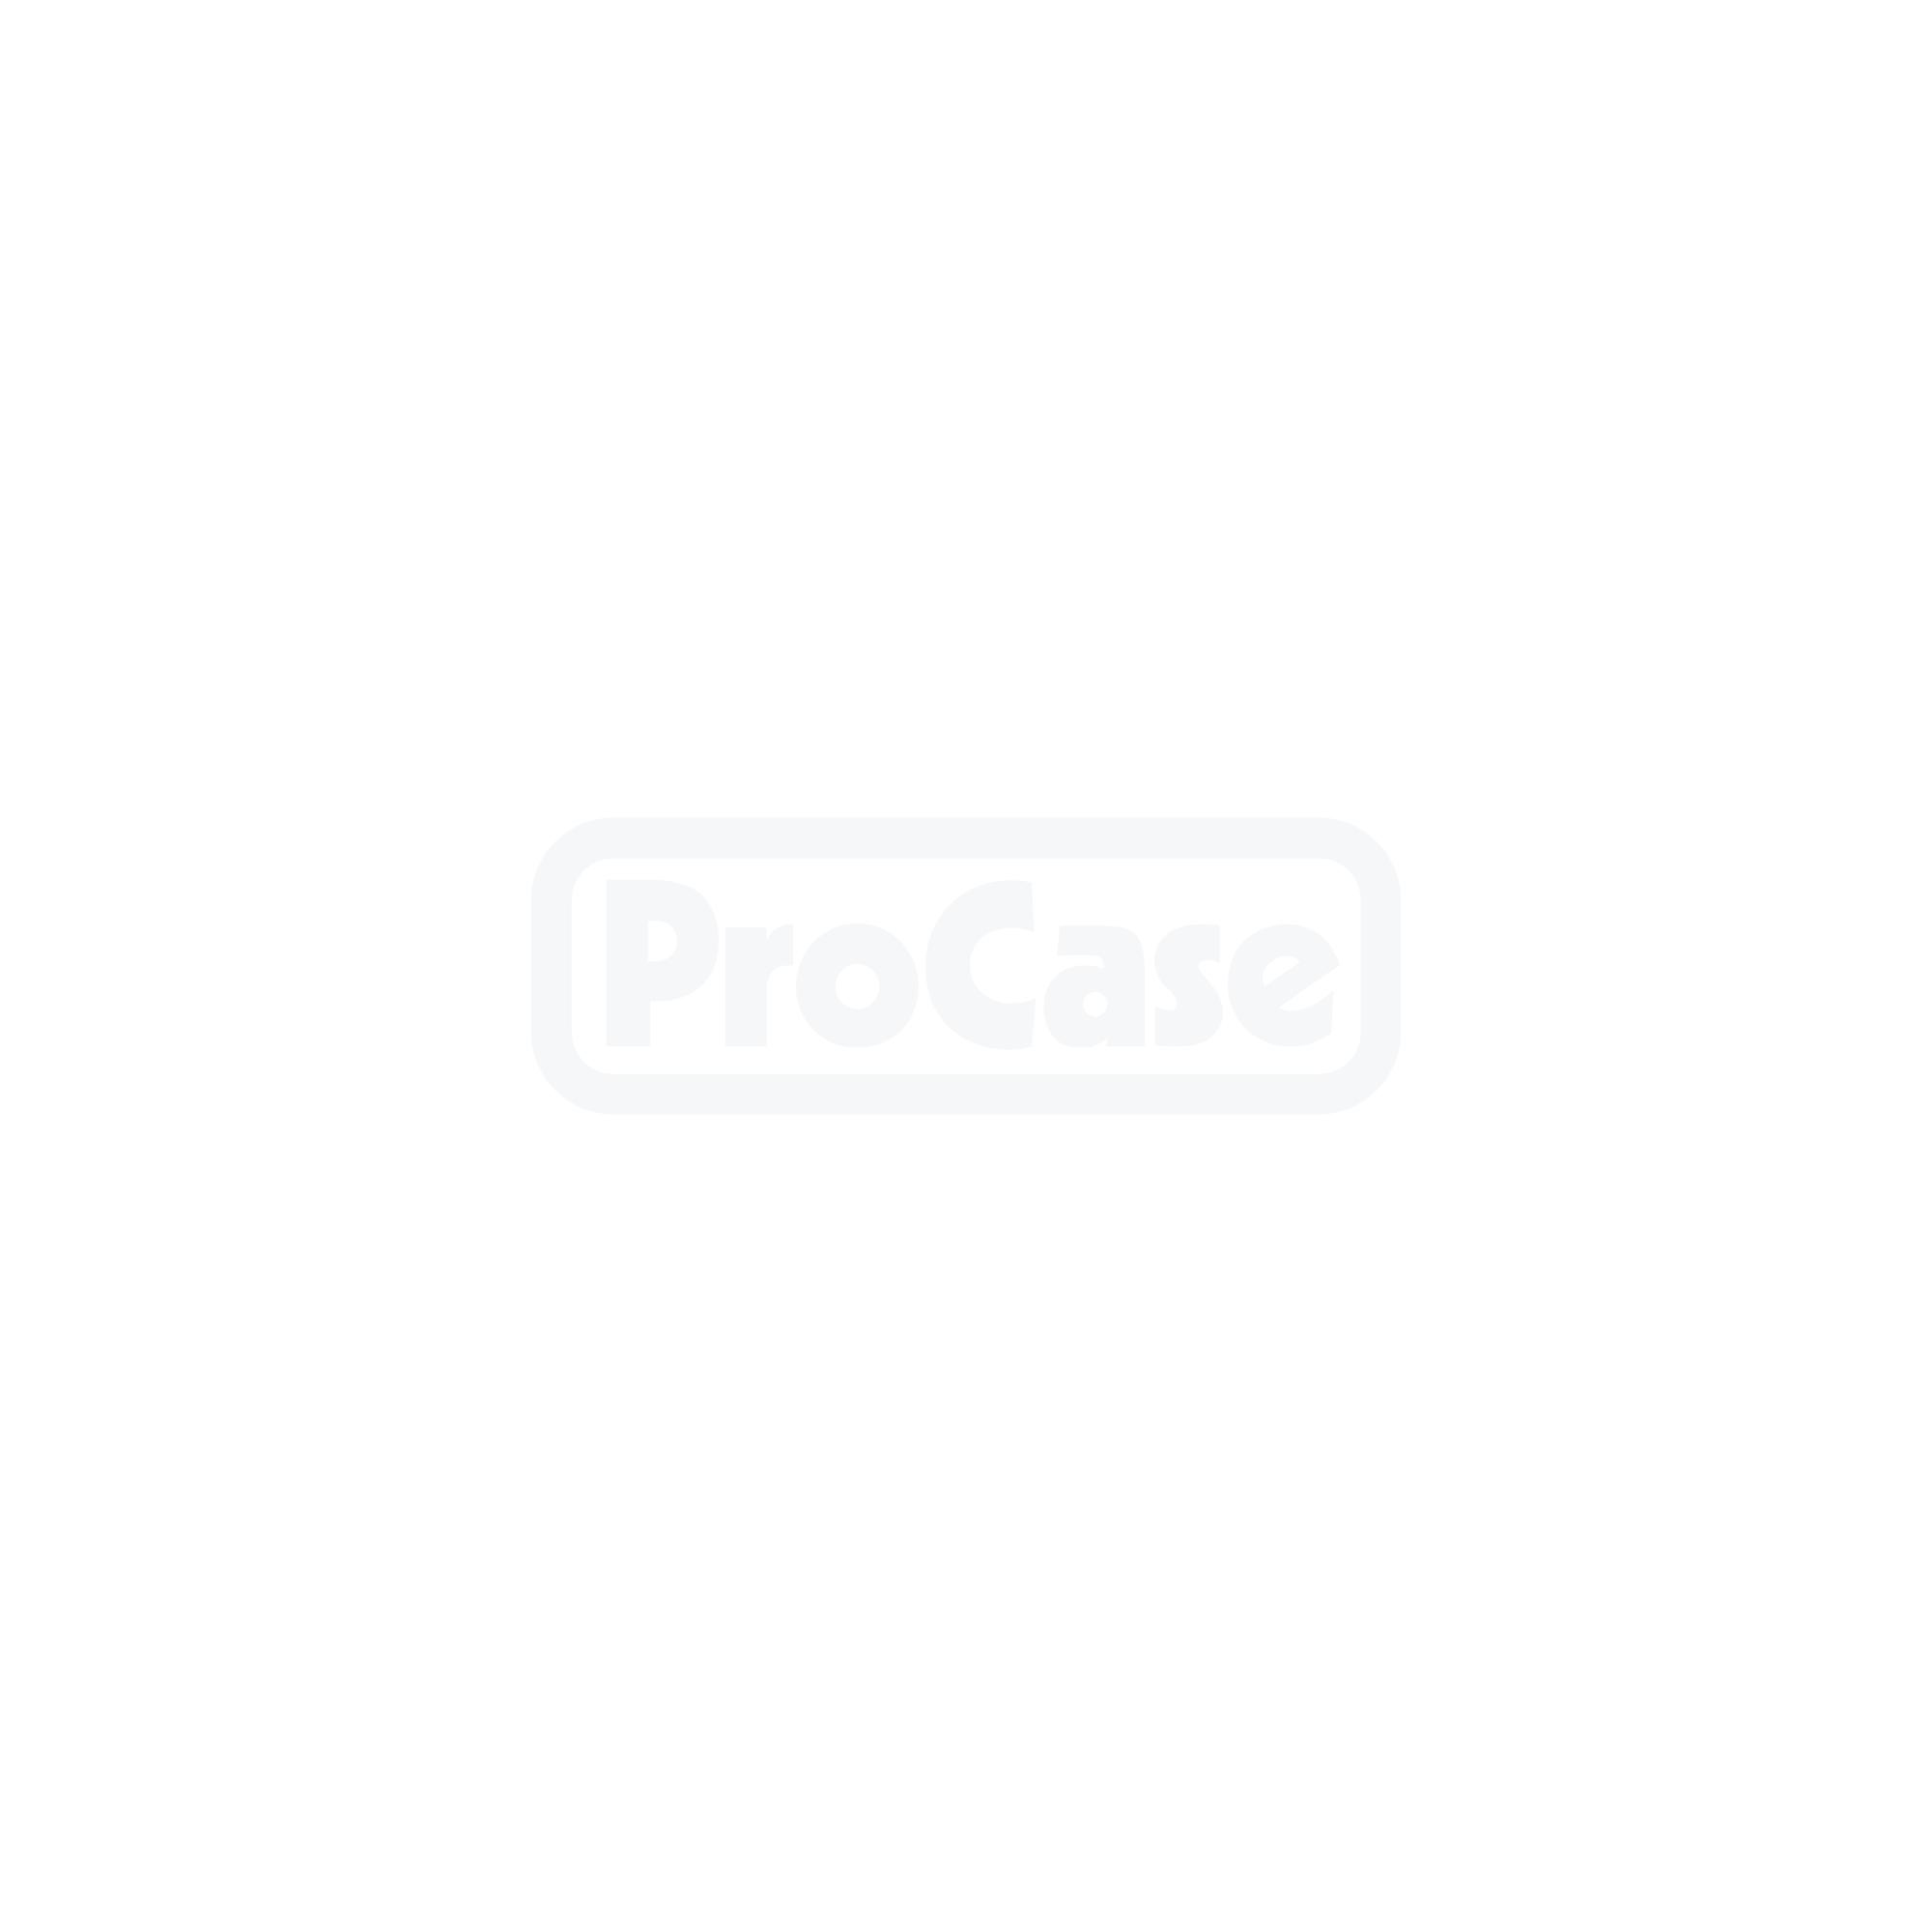 Nutschaum-Fachteilung für Sprinter Vario-Flex Einsatzkasten